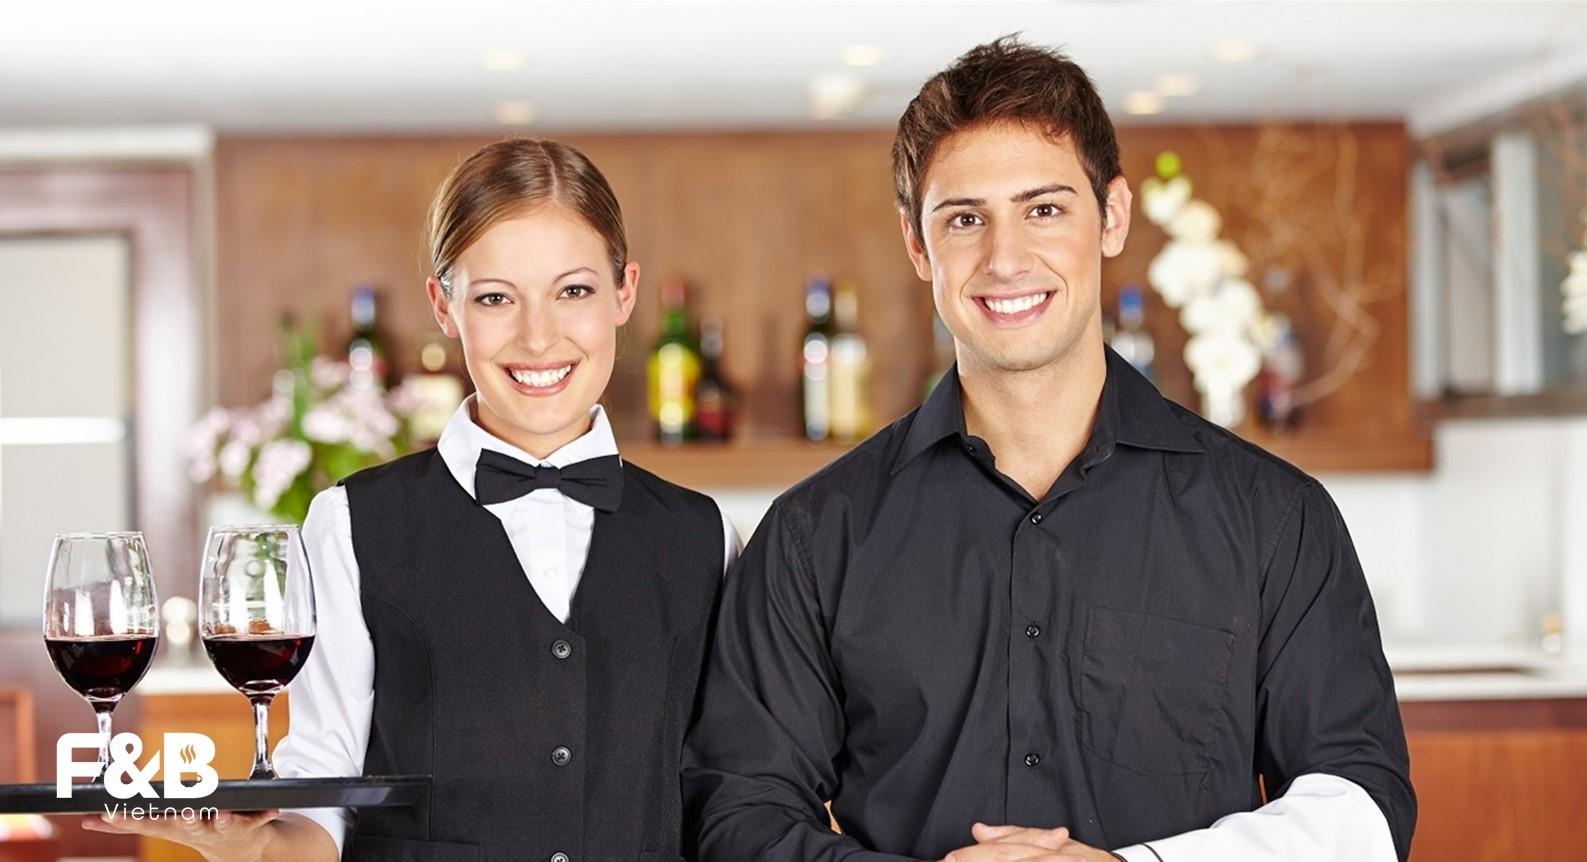 nhân sự trong quản lí vận hành nhà hàng